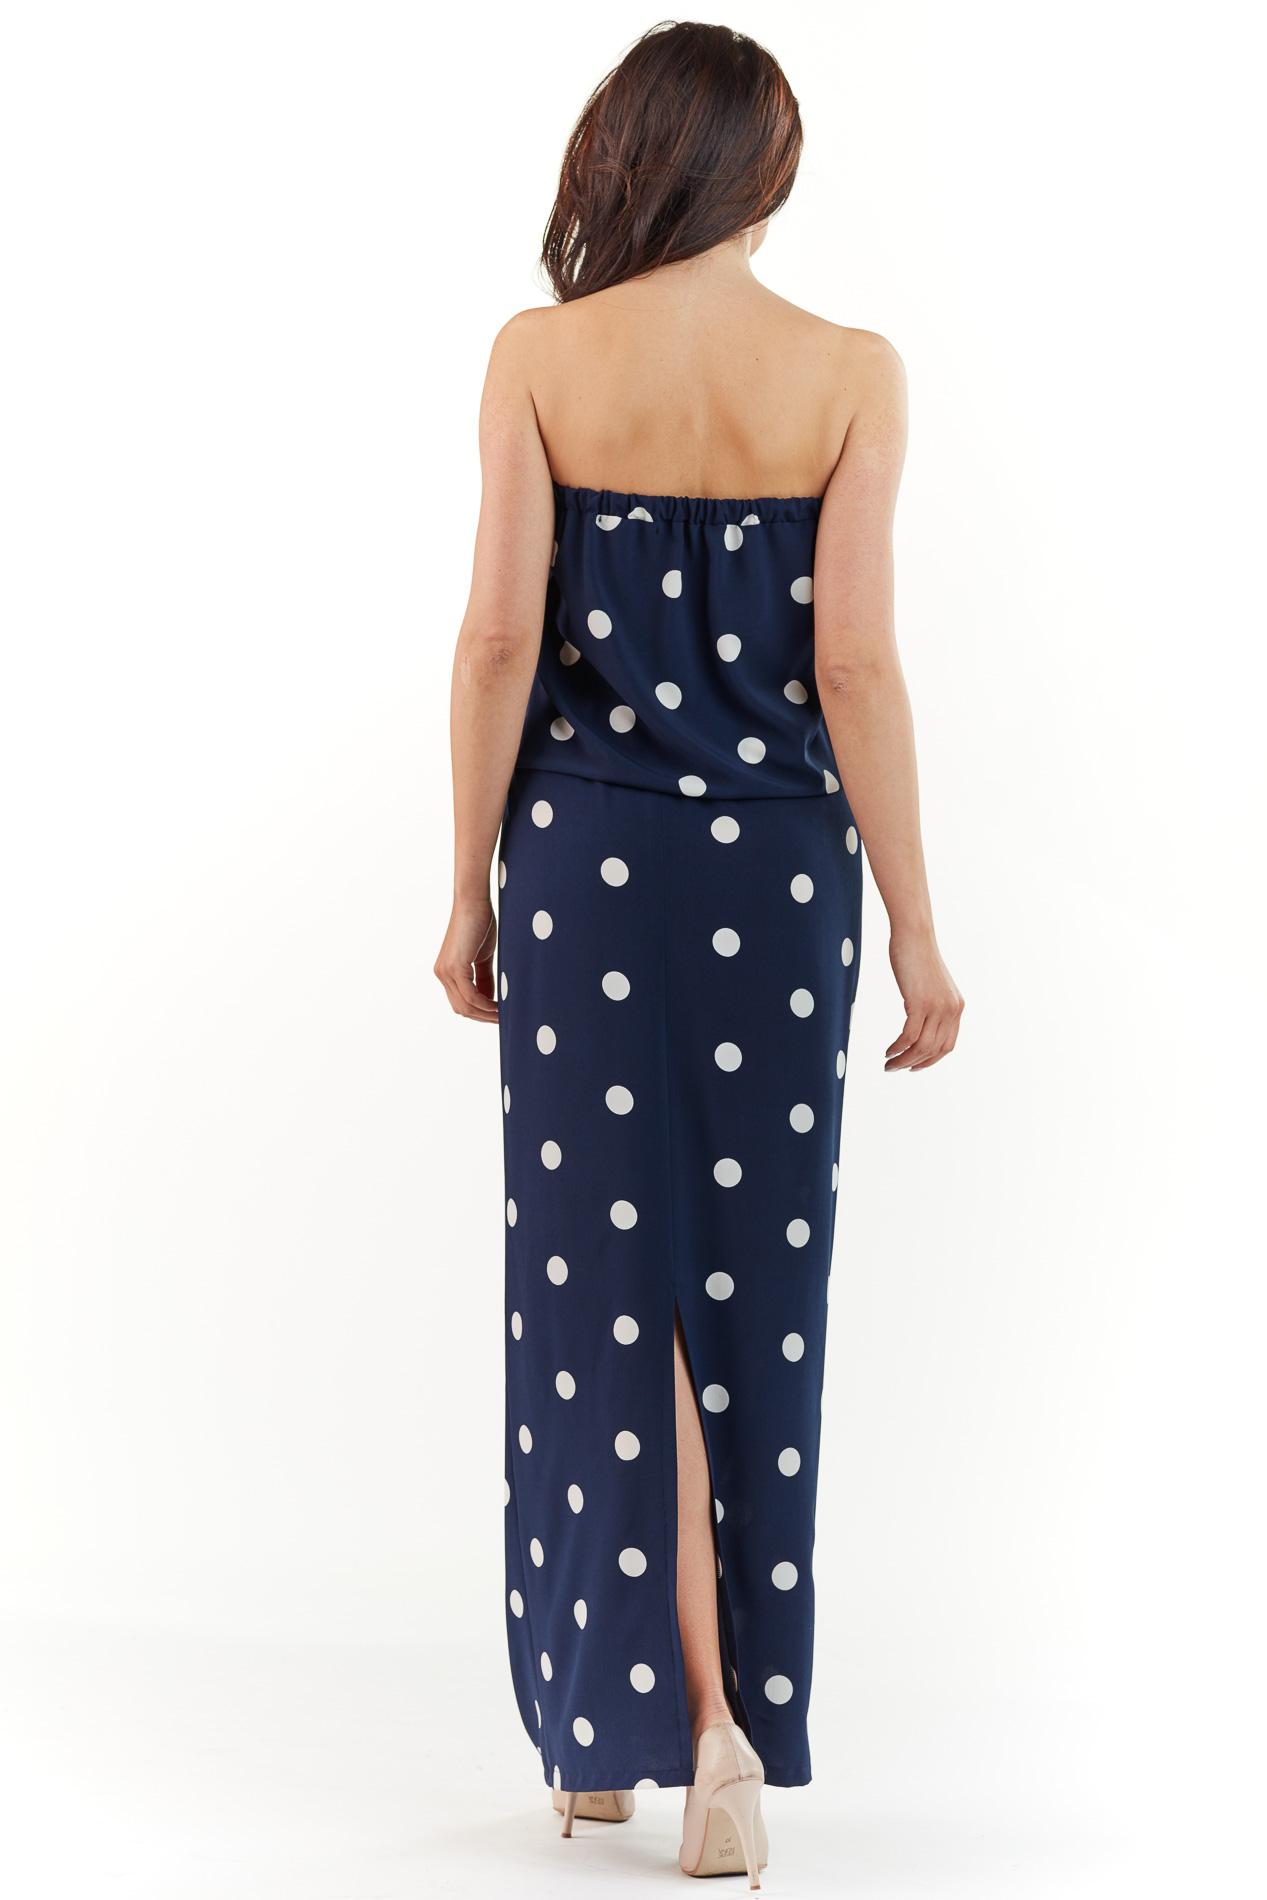 CM3760 Stylowa sukienka maxi bez pleców